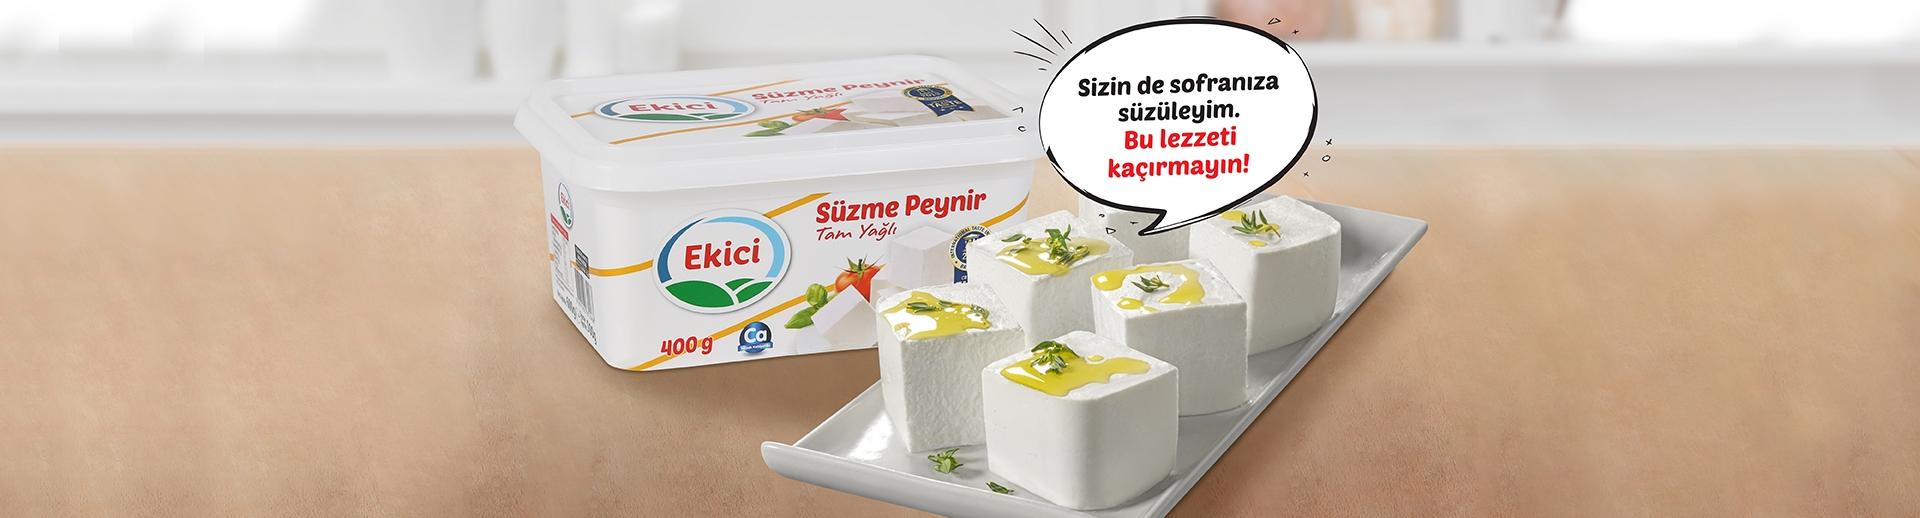 Ortama bi' süzülüyorum herkes beni kesiyor! Türkiye'nin ünlü süzmesi Ekici Süzme Peynir.